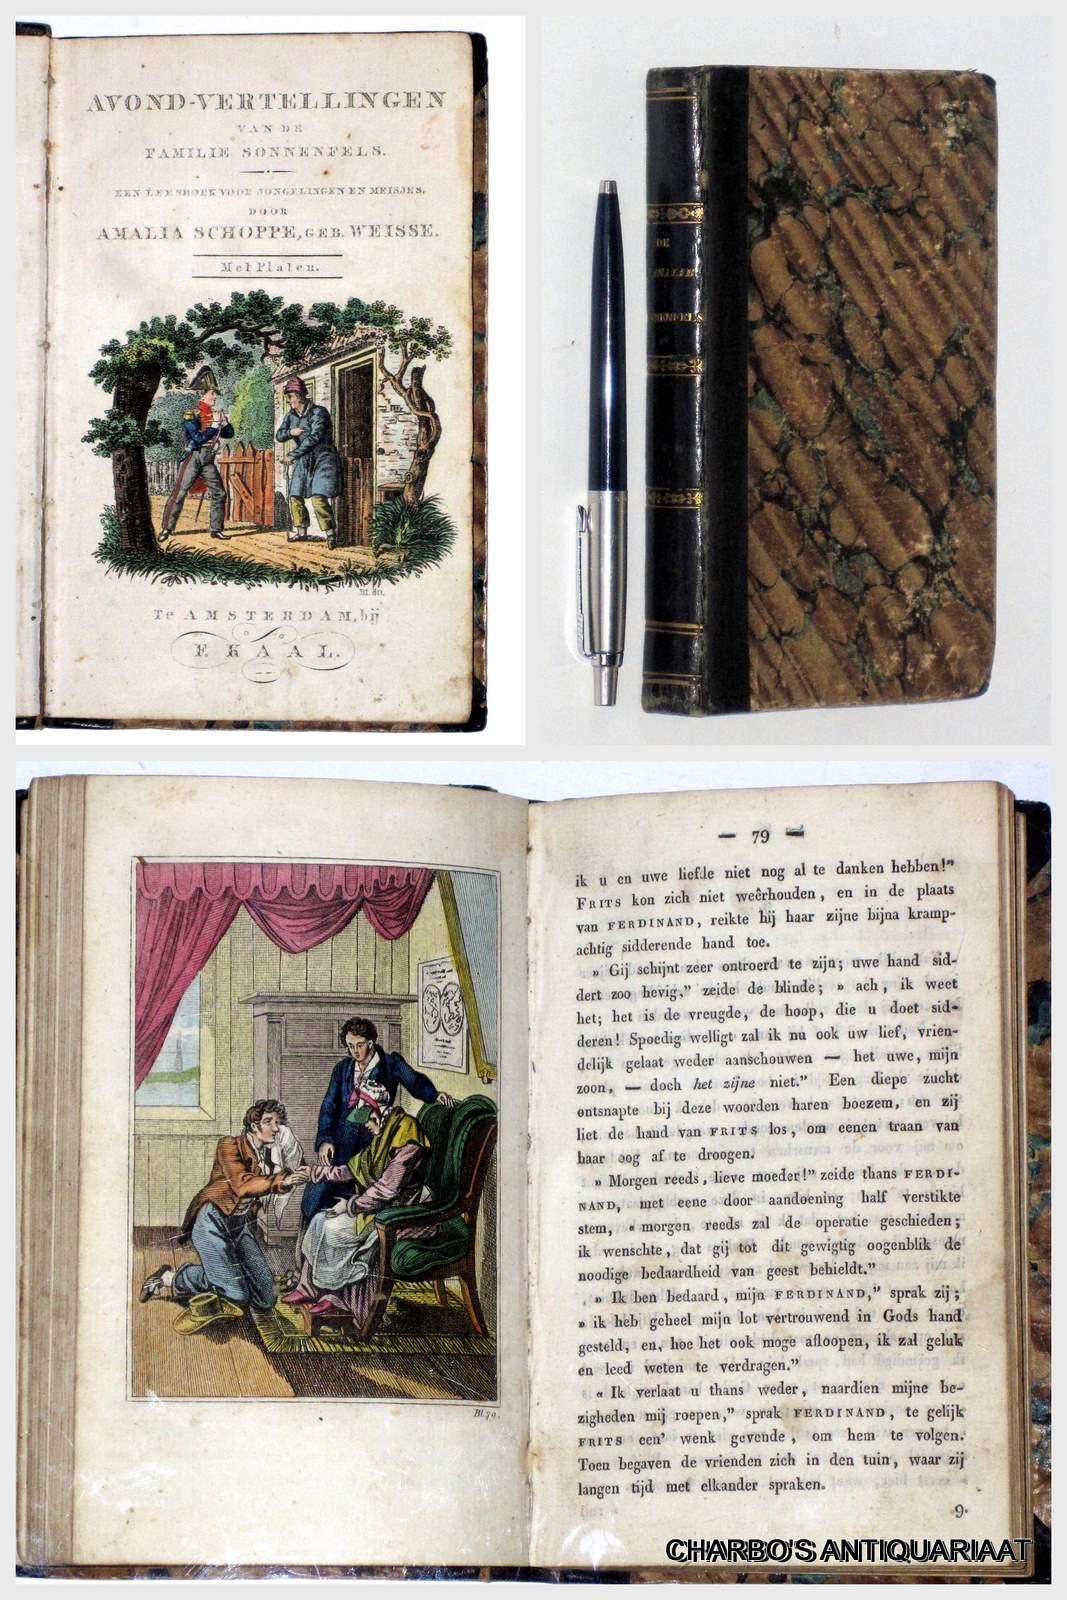 SCHOPPE-WEISSE [=WEISE], AMALIA, -  Avond-vertellingen van de familie Sonnenfels. Een leesboek voor jongelingen en meisjes.